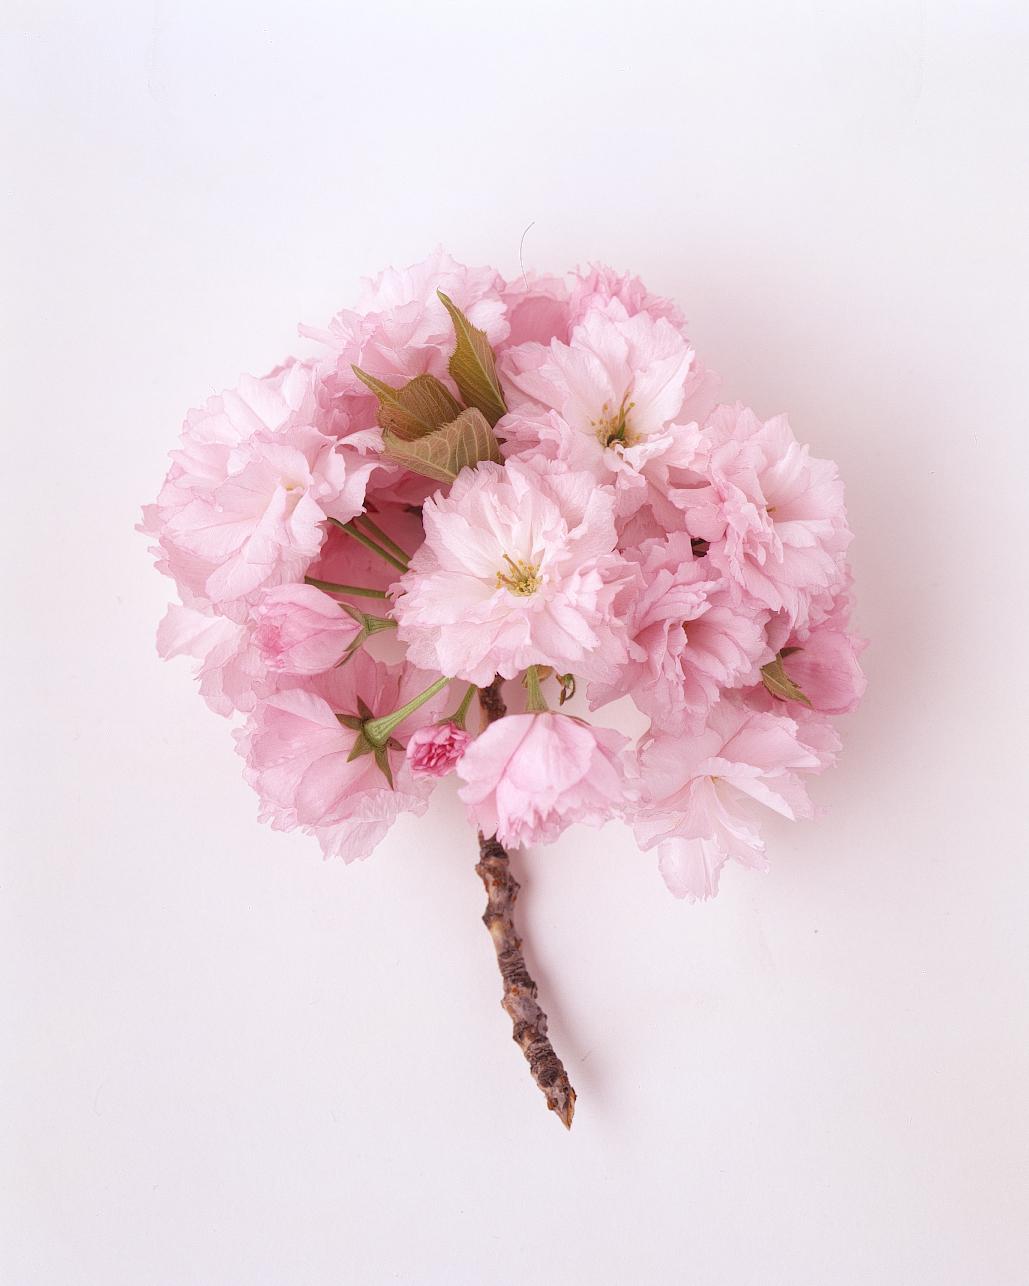 flower-glossary-cherry-blossom-a98432-0415.jpg